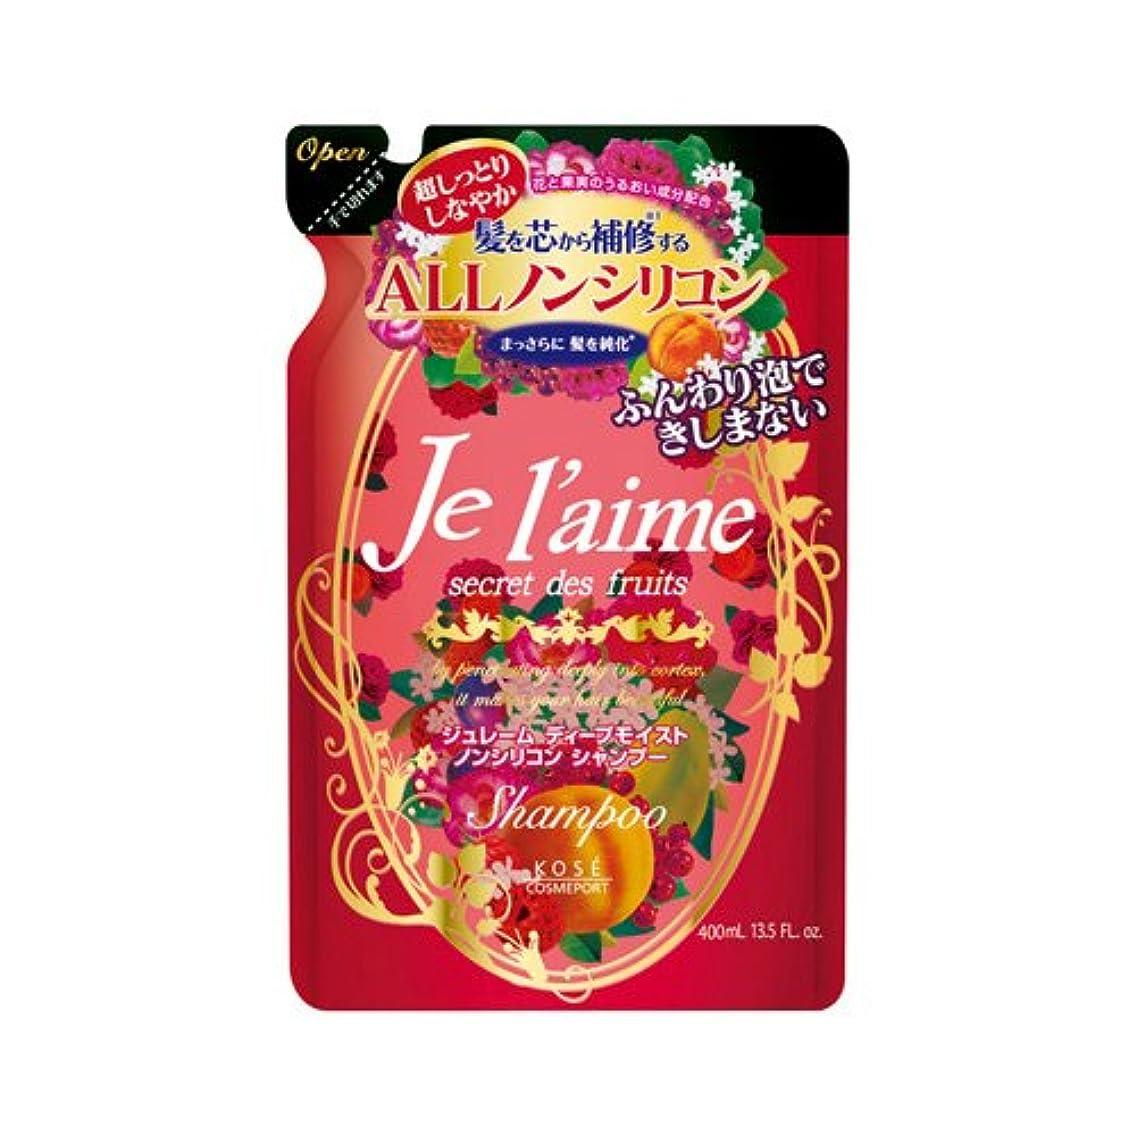 落ち着いたちらつきほぼコーセー ジュレーム シャンプー ディープモイスト つめかえ 400mL×12本セット  きらめくフェミニンな赤い花々と果実の香り